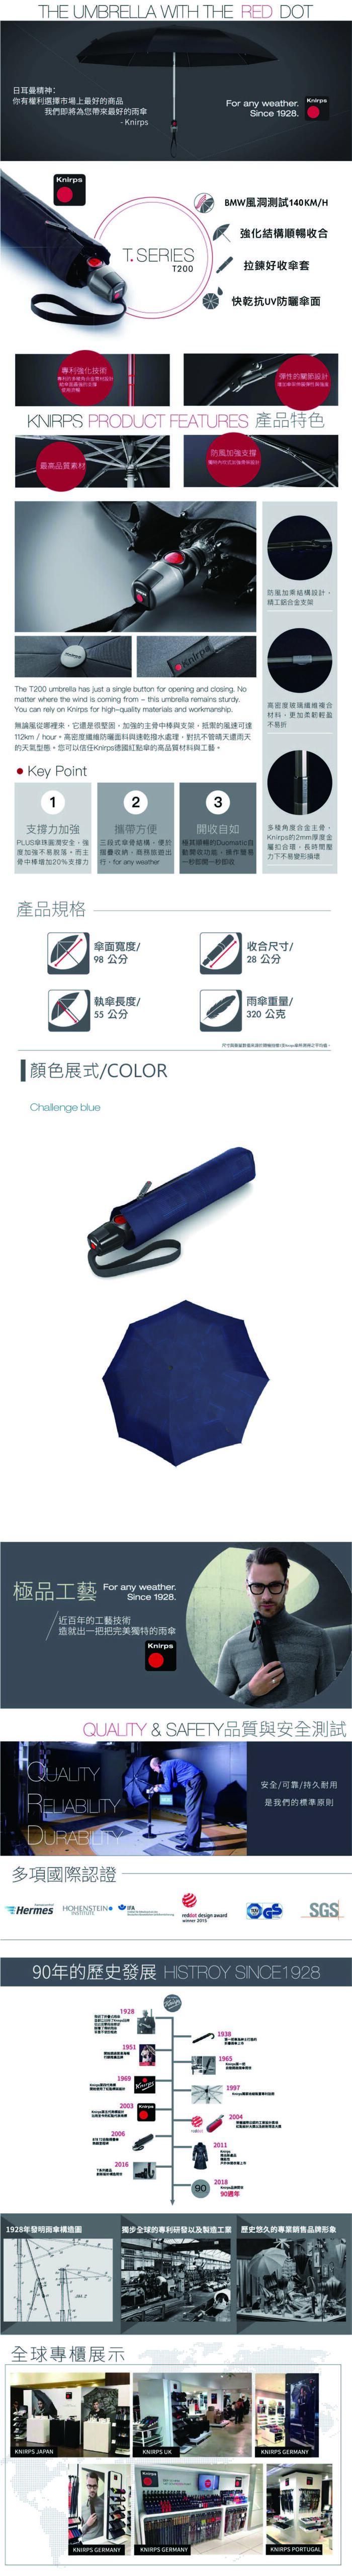 (複製)Knirps德國紅點傘|T.200 自動開收傘- Supernova Rock